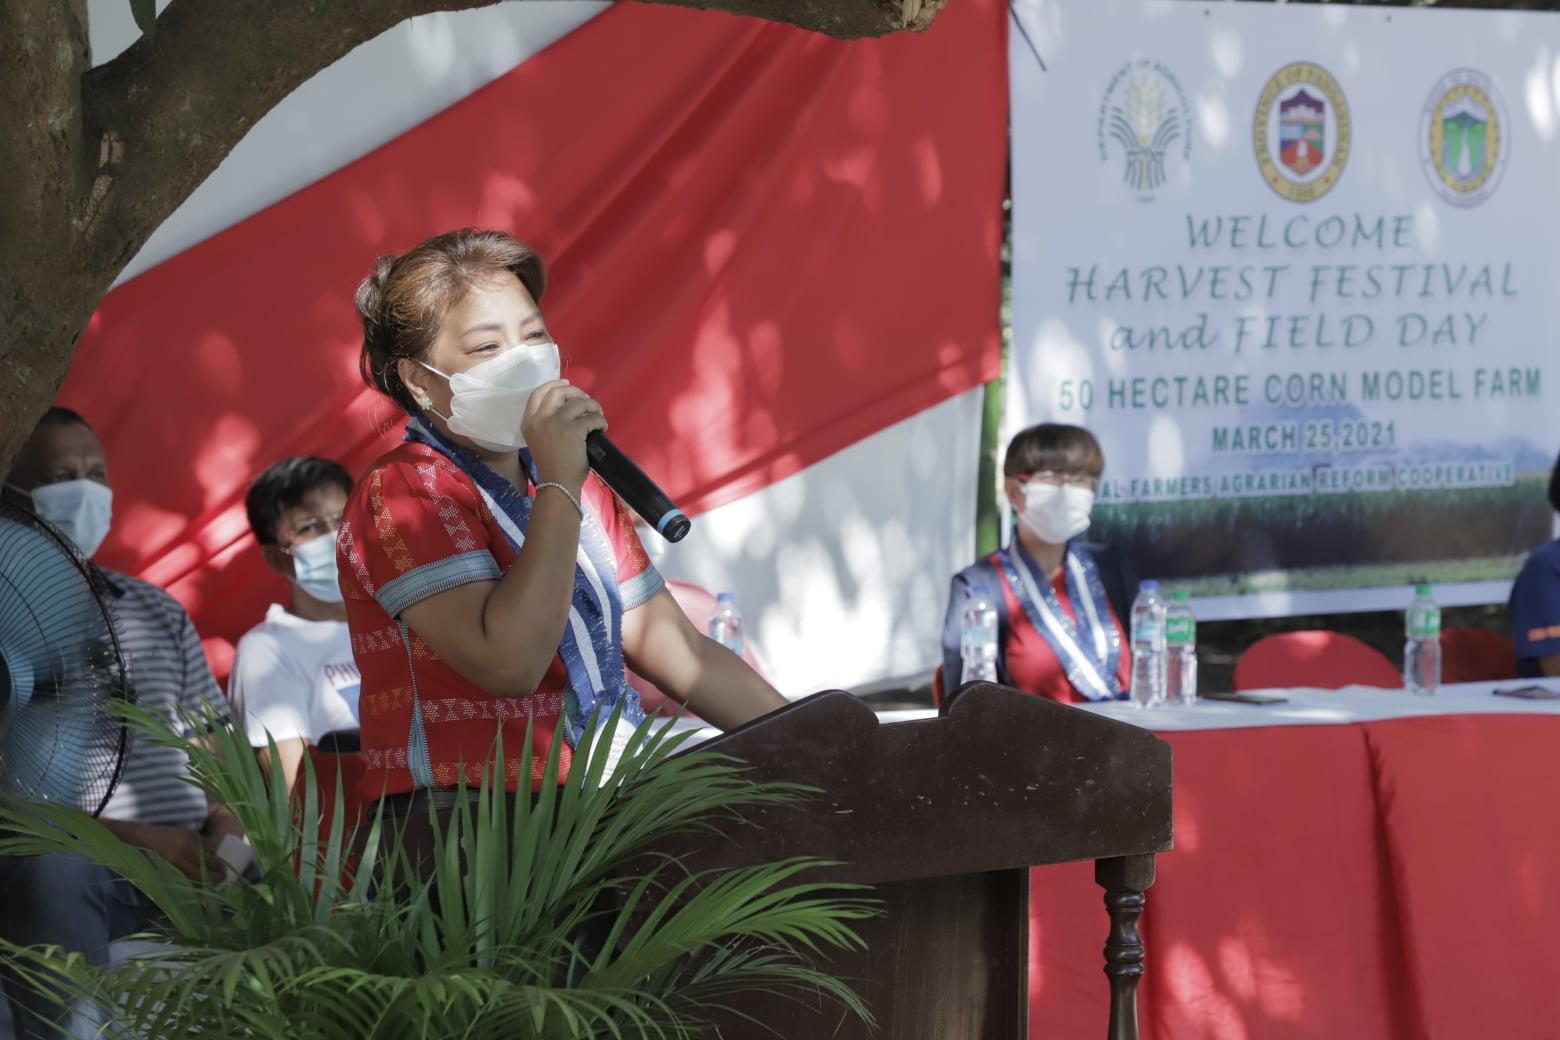 DA Conducts Harvest Festival in 50-ha Corn Model Farm in Balungao Town